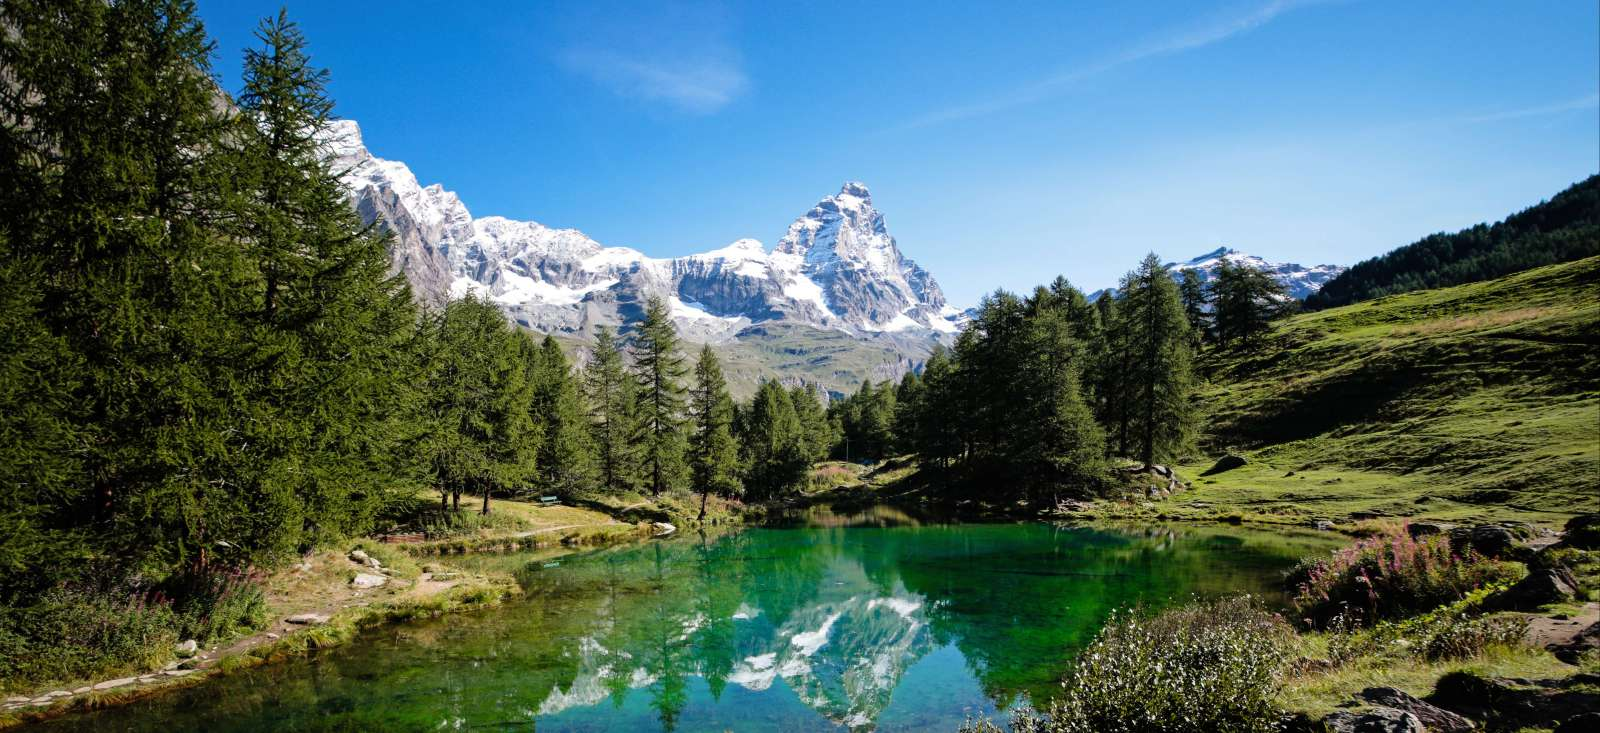 Voyage à pied : Le Tour du Cervin, emblème des montagnes